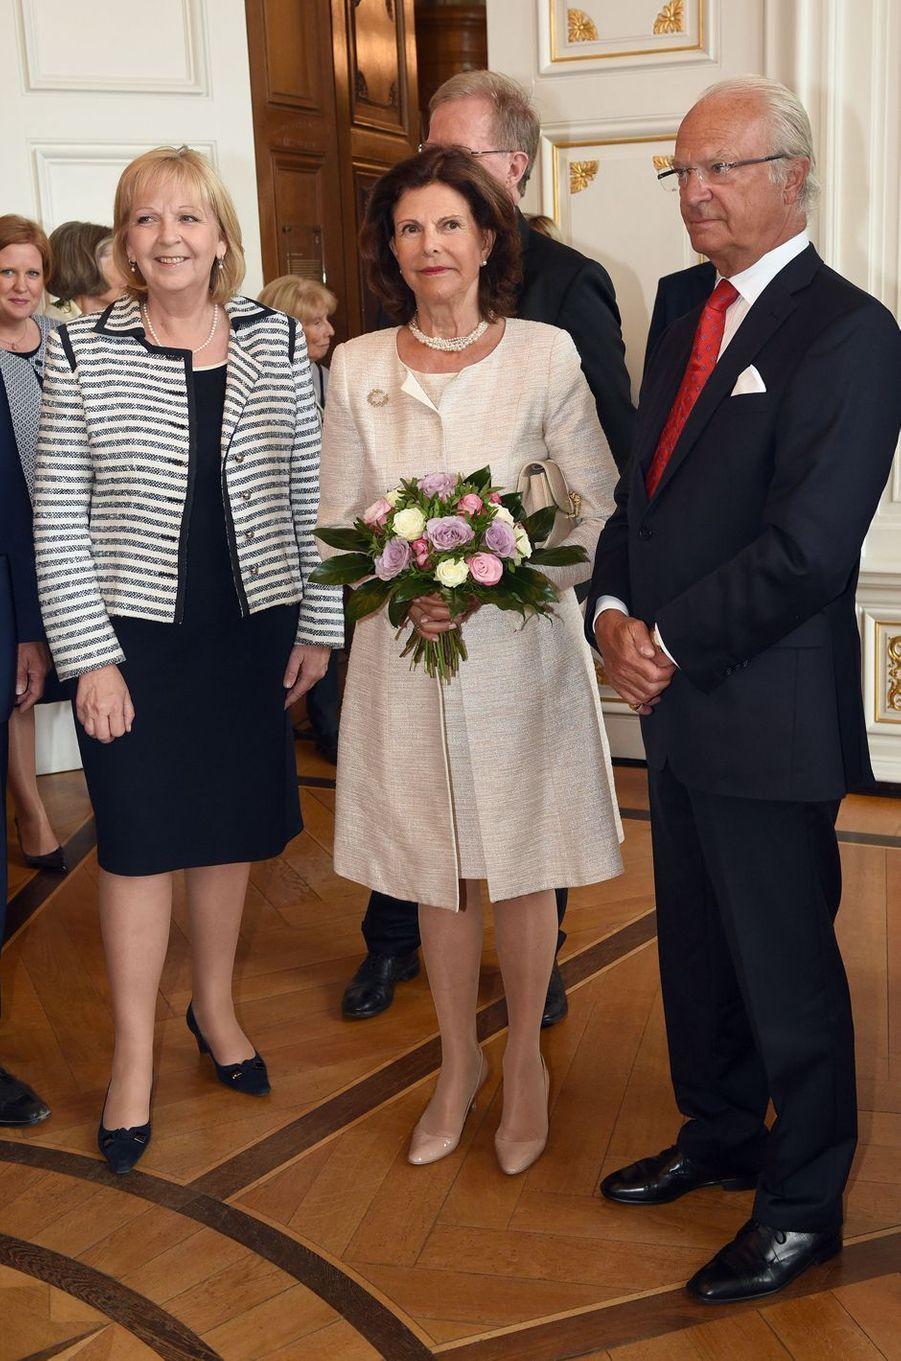 La reine Silvia et le roi Carl XVI Gustaf de Suède à Aix-la-Chapelle, le 11 juillet 2016